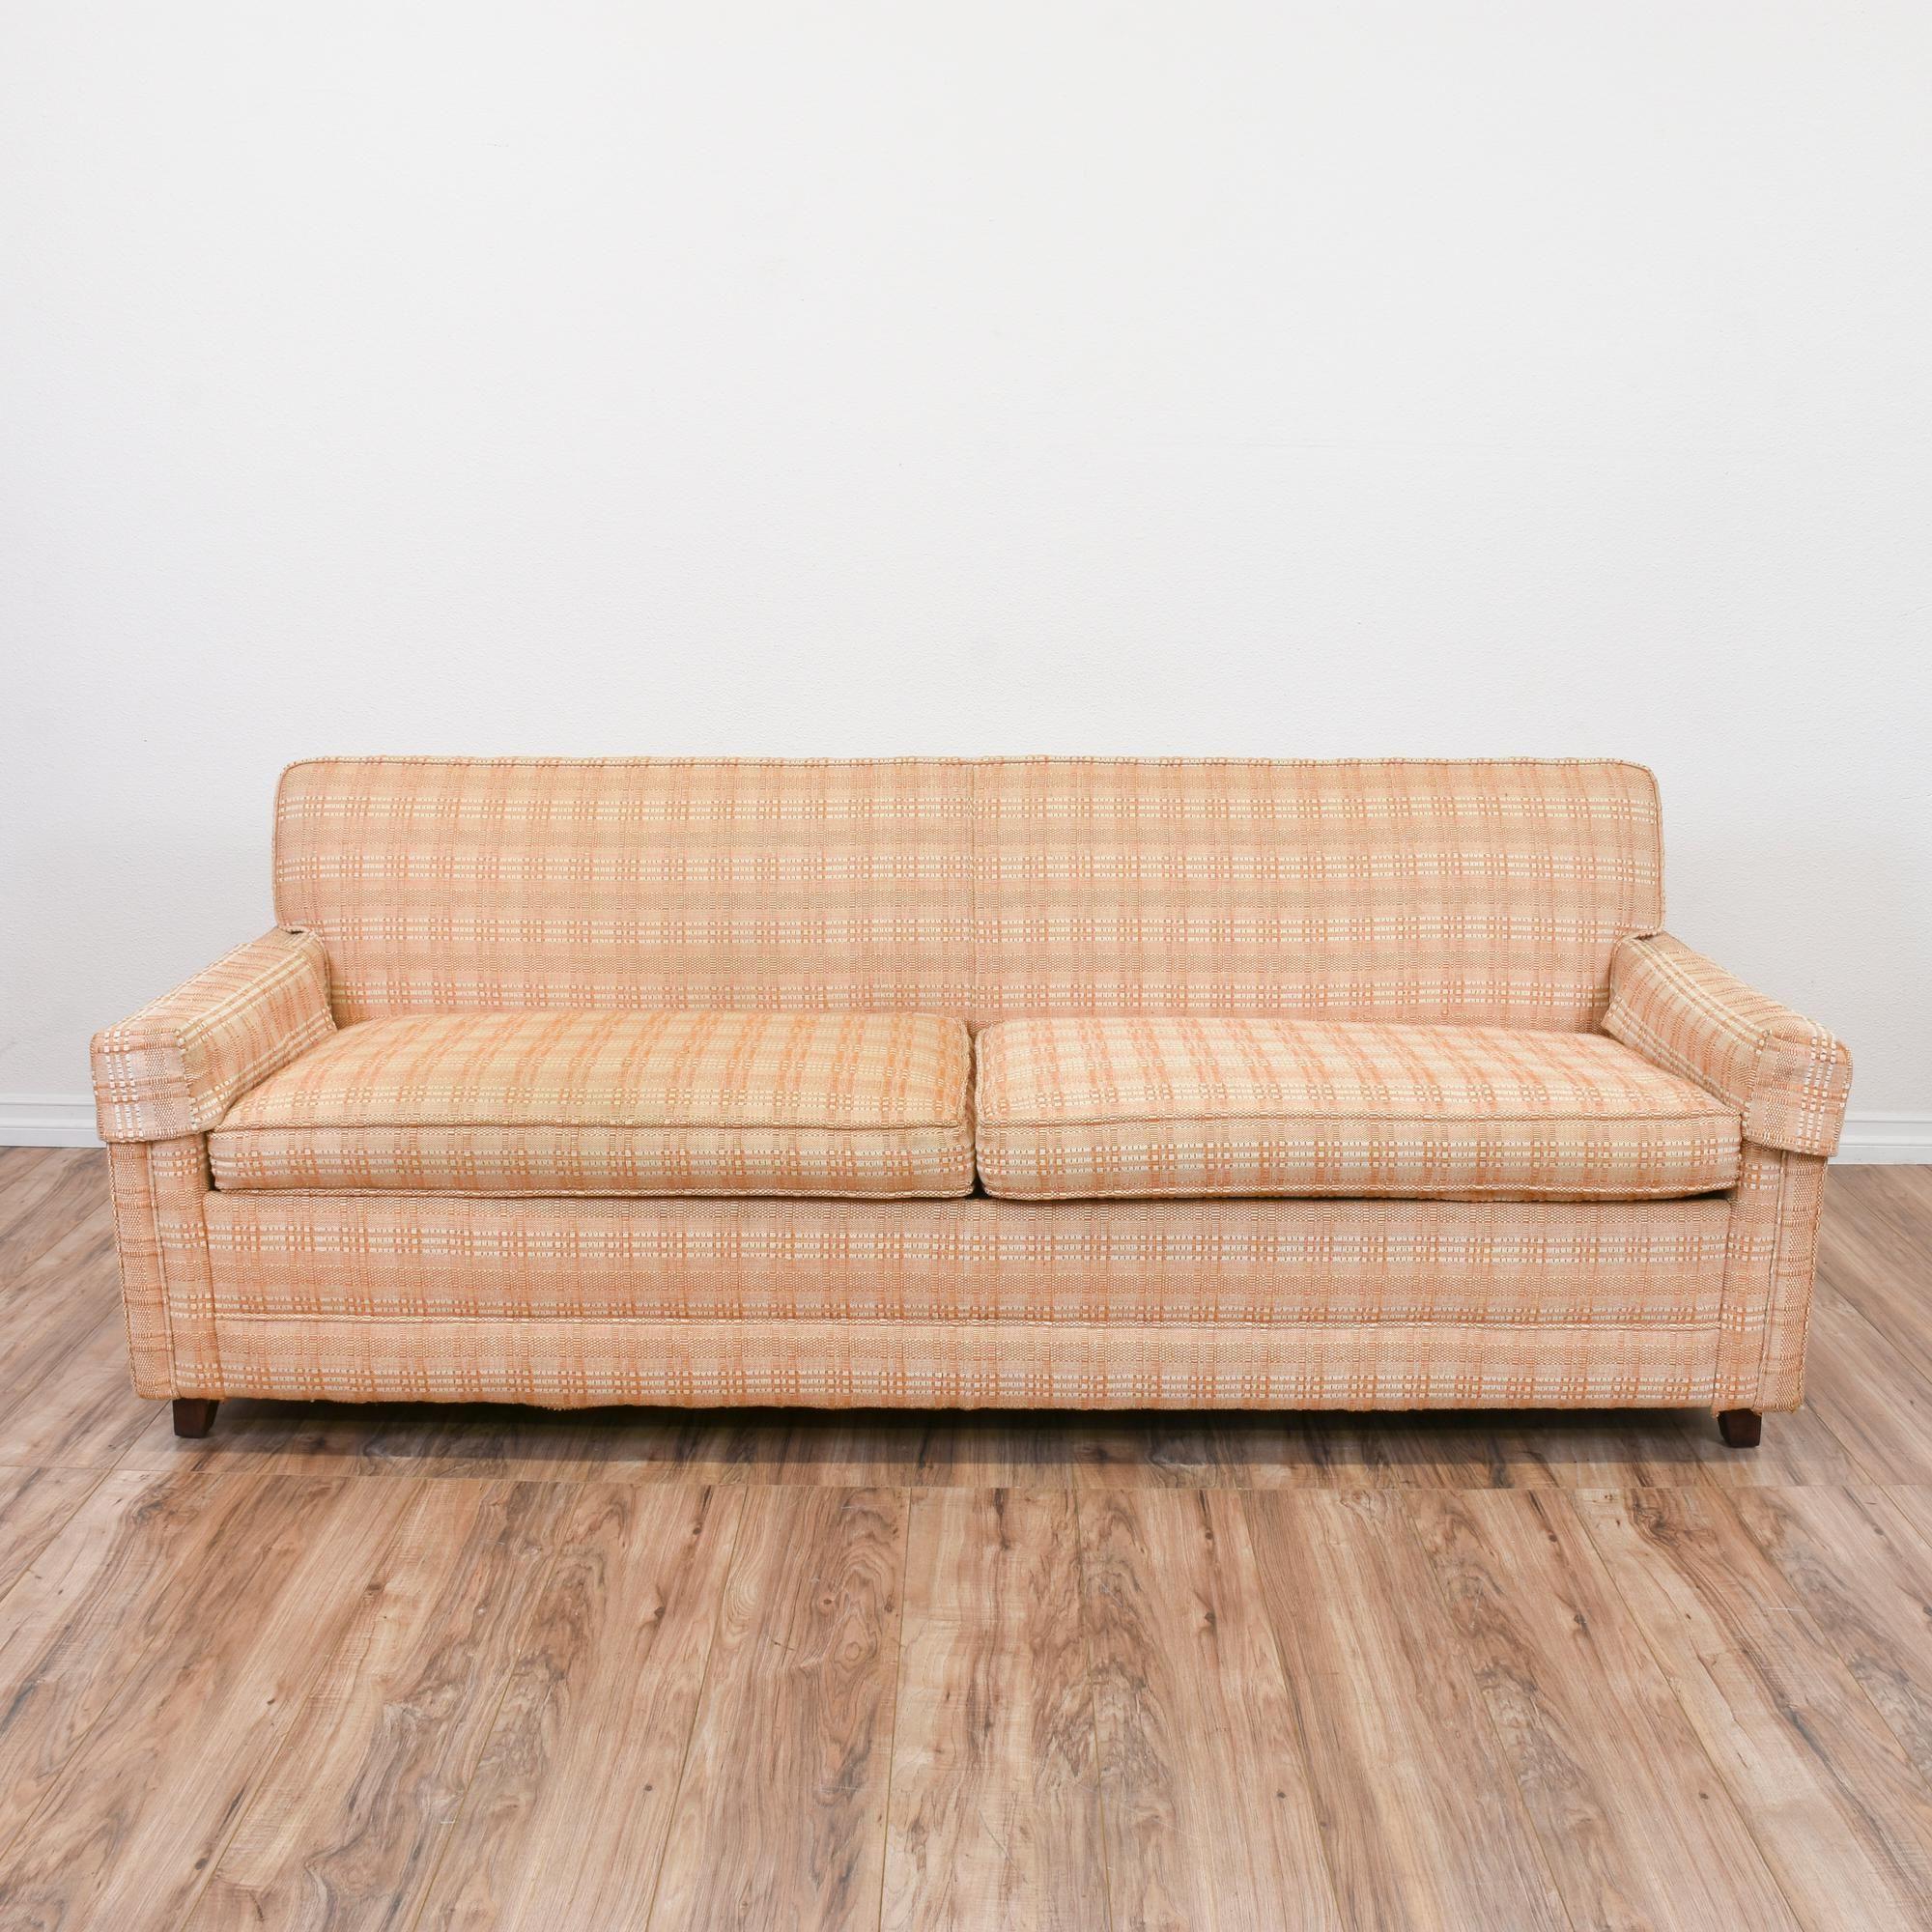 Plaid Peach Mid Century Modern Sofa Bed 2